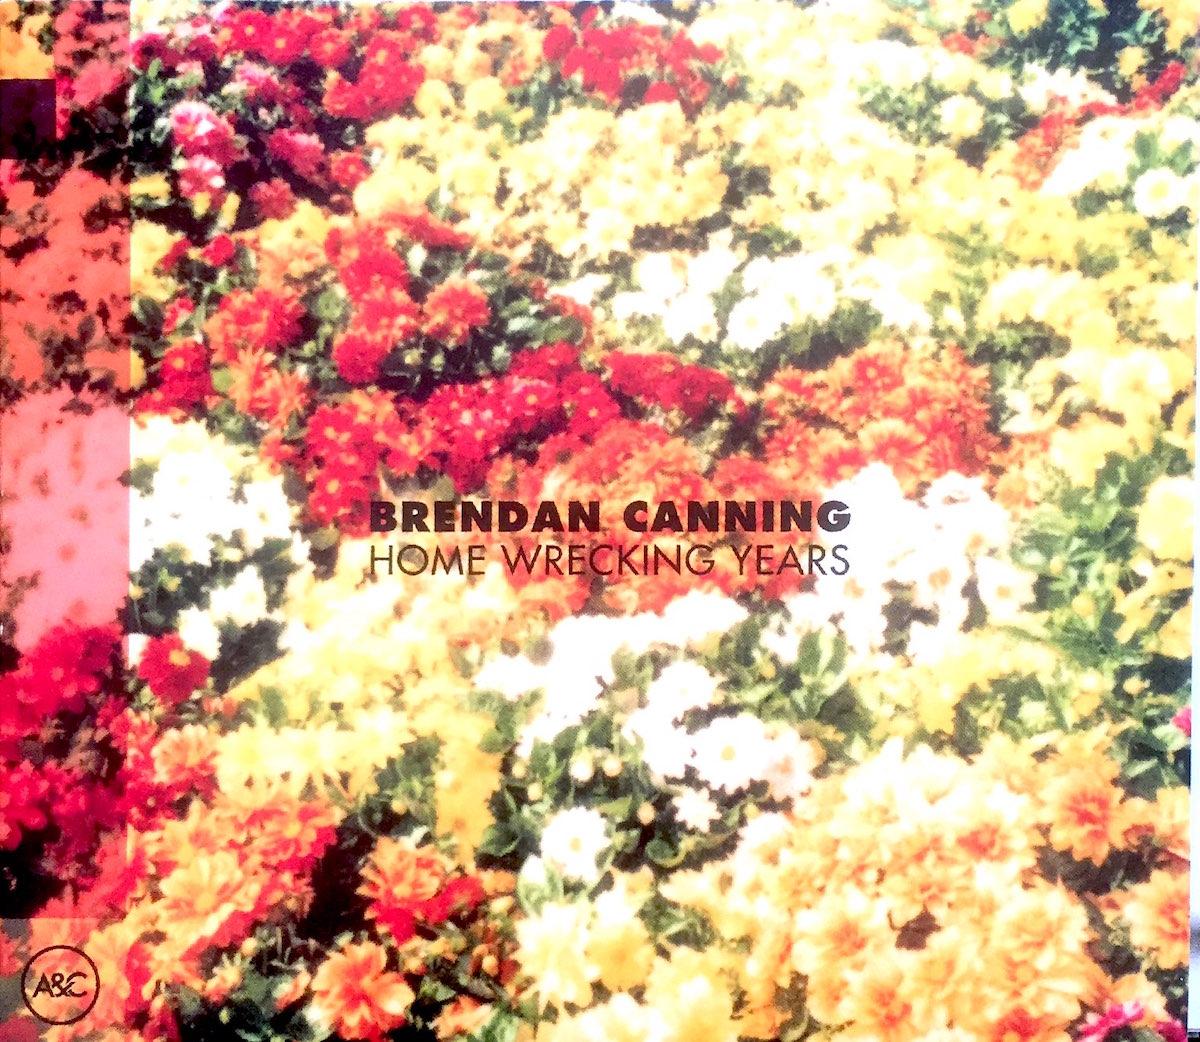 Brendan-Canning-Homewrecking-years_1200.jpg